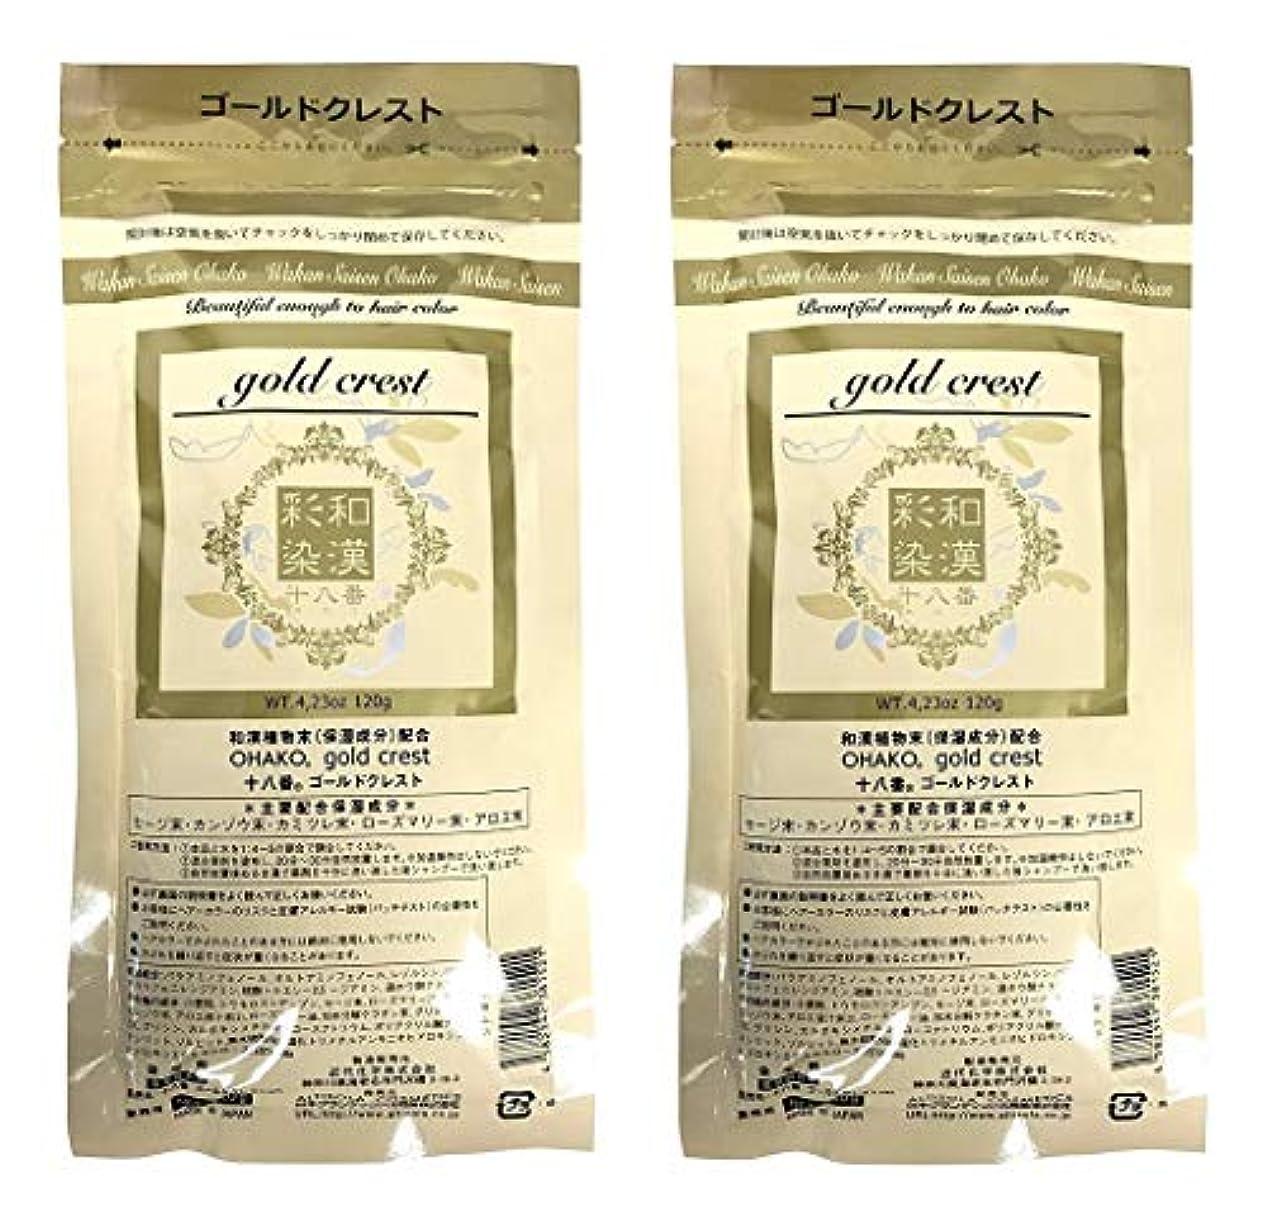 反対した在庫沈黙【2個セット】グランデックス 和漢彩染 十八番 120g ゴールドクレスト